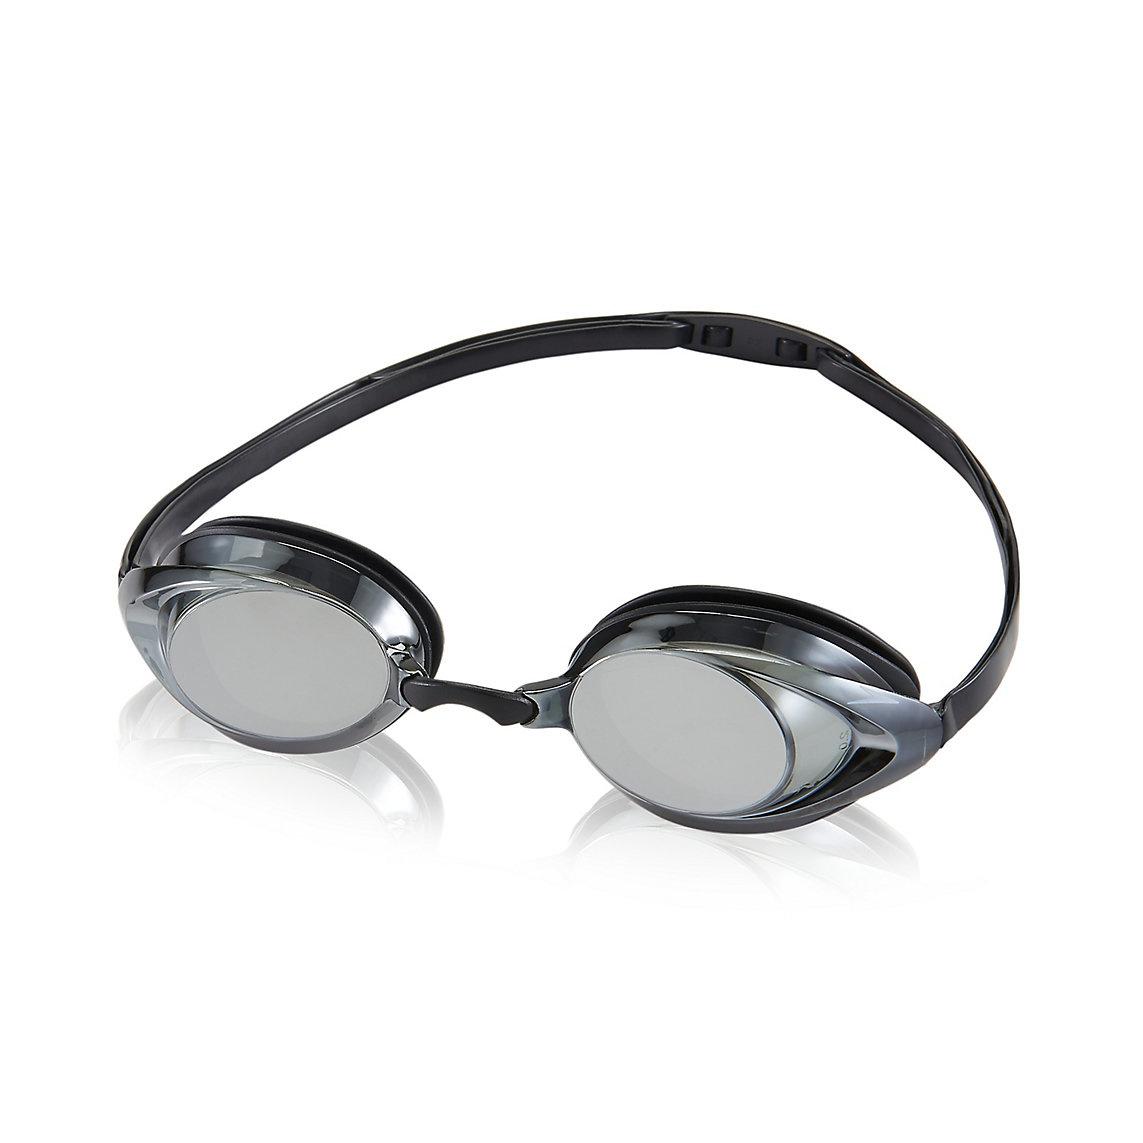 Speedo Vanquisher 2.0 Optical Mirrored